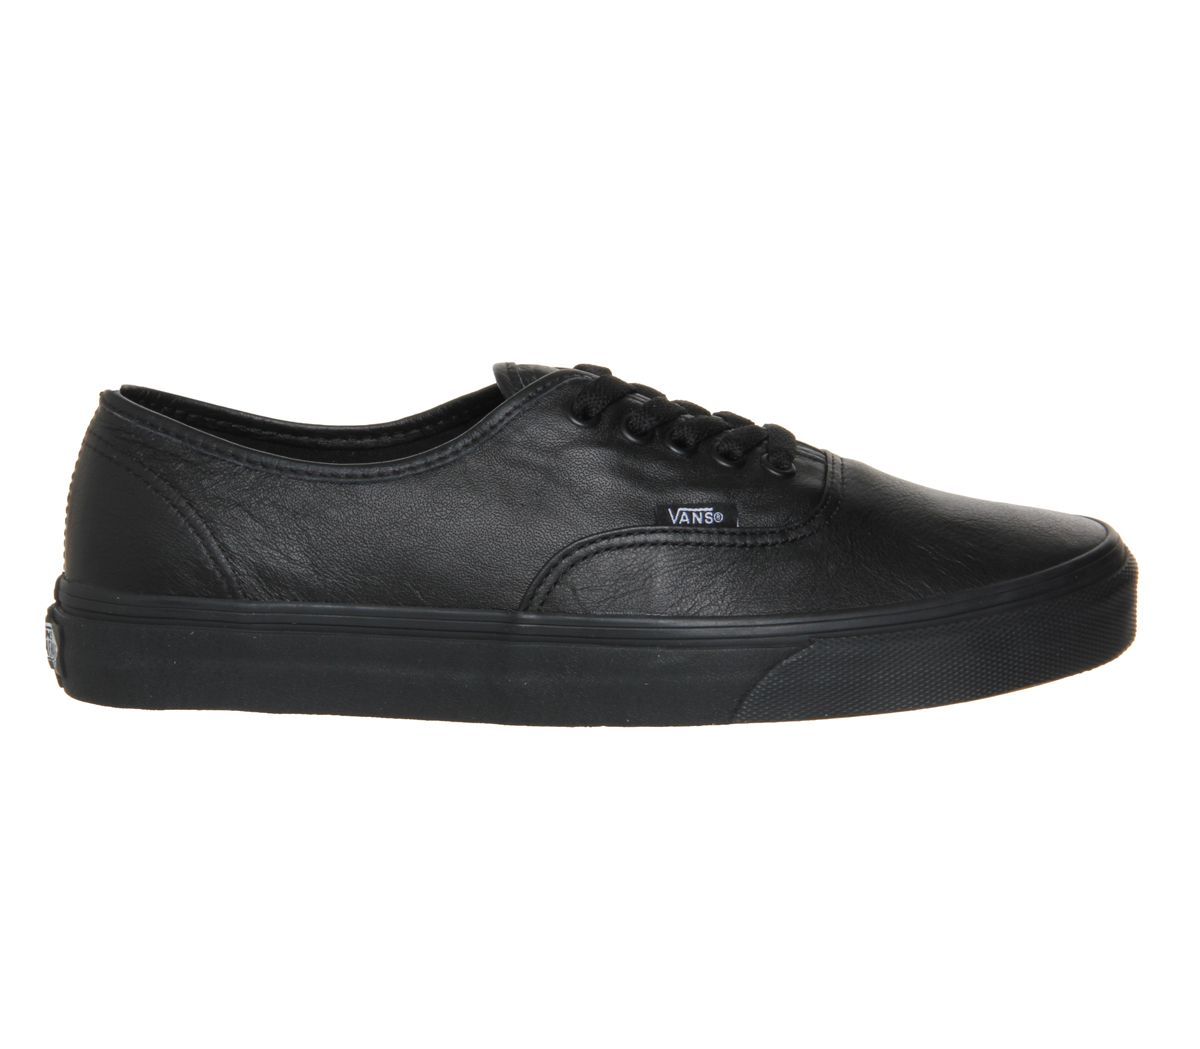 ea973c1cbc Vans Authentic Leather Black Mono - Unisex Sports